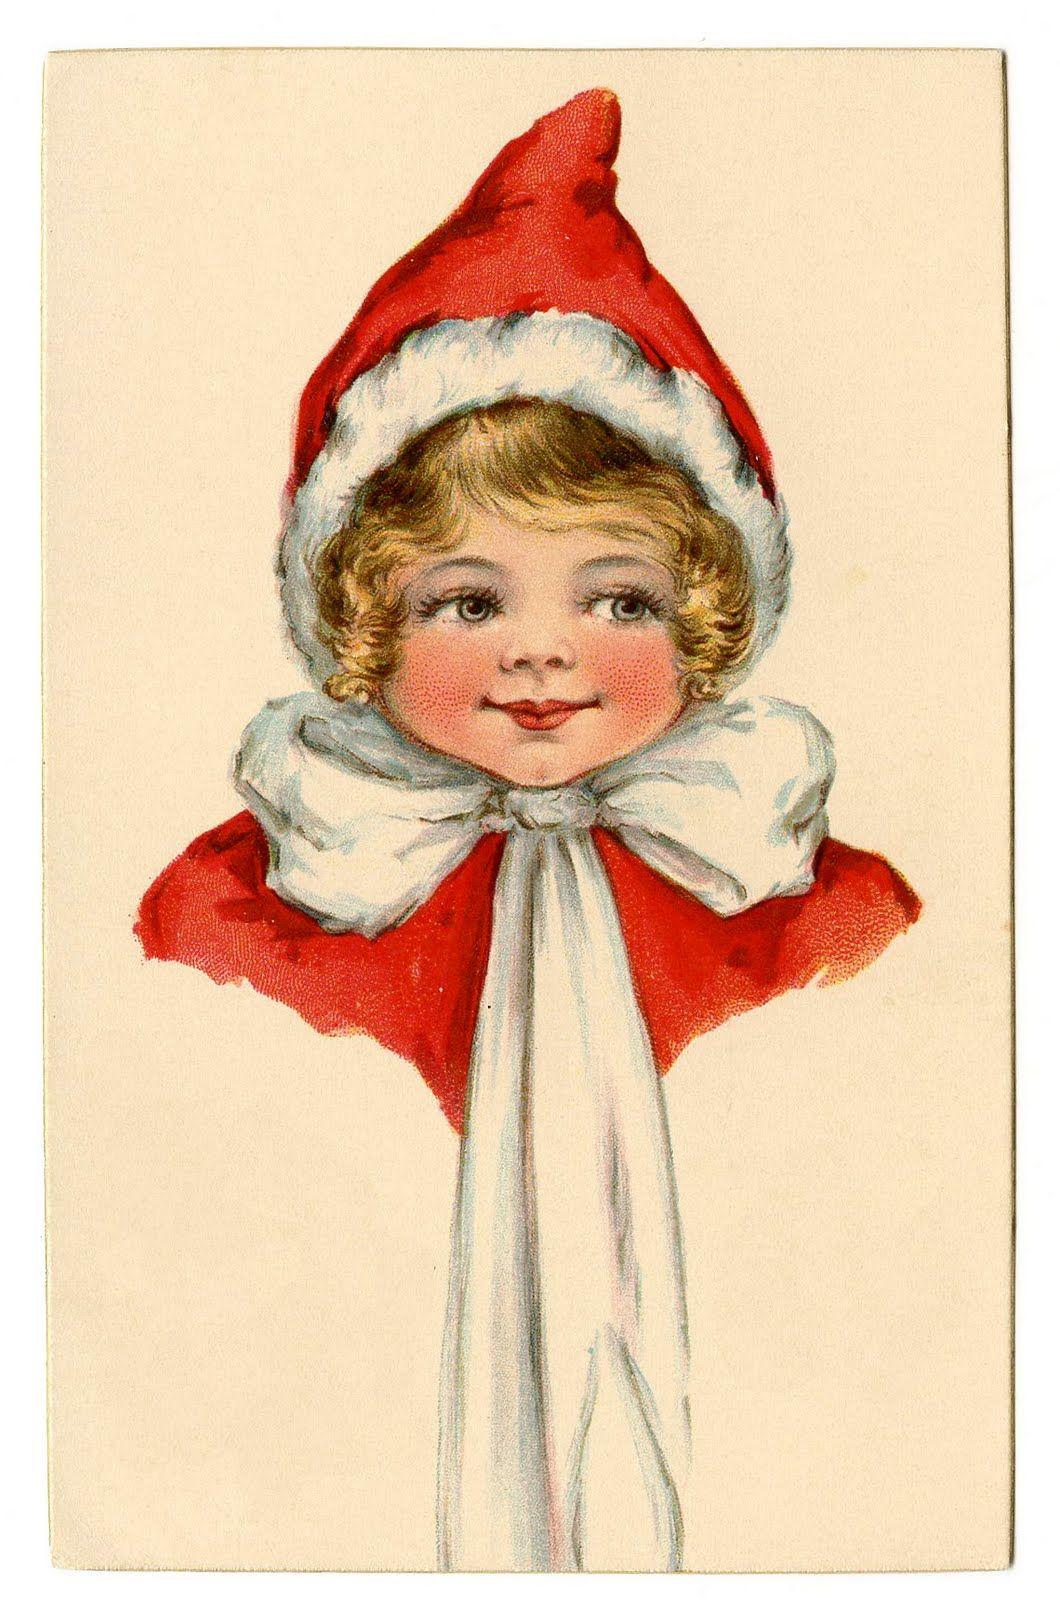 Vintage Christmas Clip Art Adorable Elf Girl The Graphics Fairy Christmas Ephemera Vintage Christmas Cards Christmas Postcard